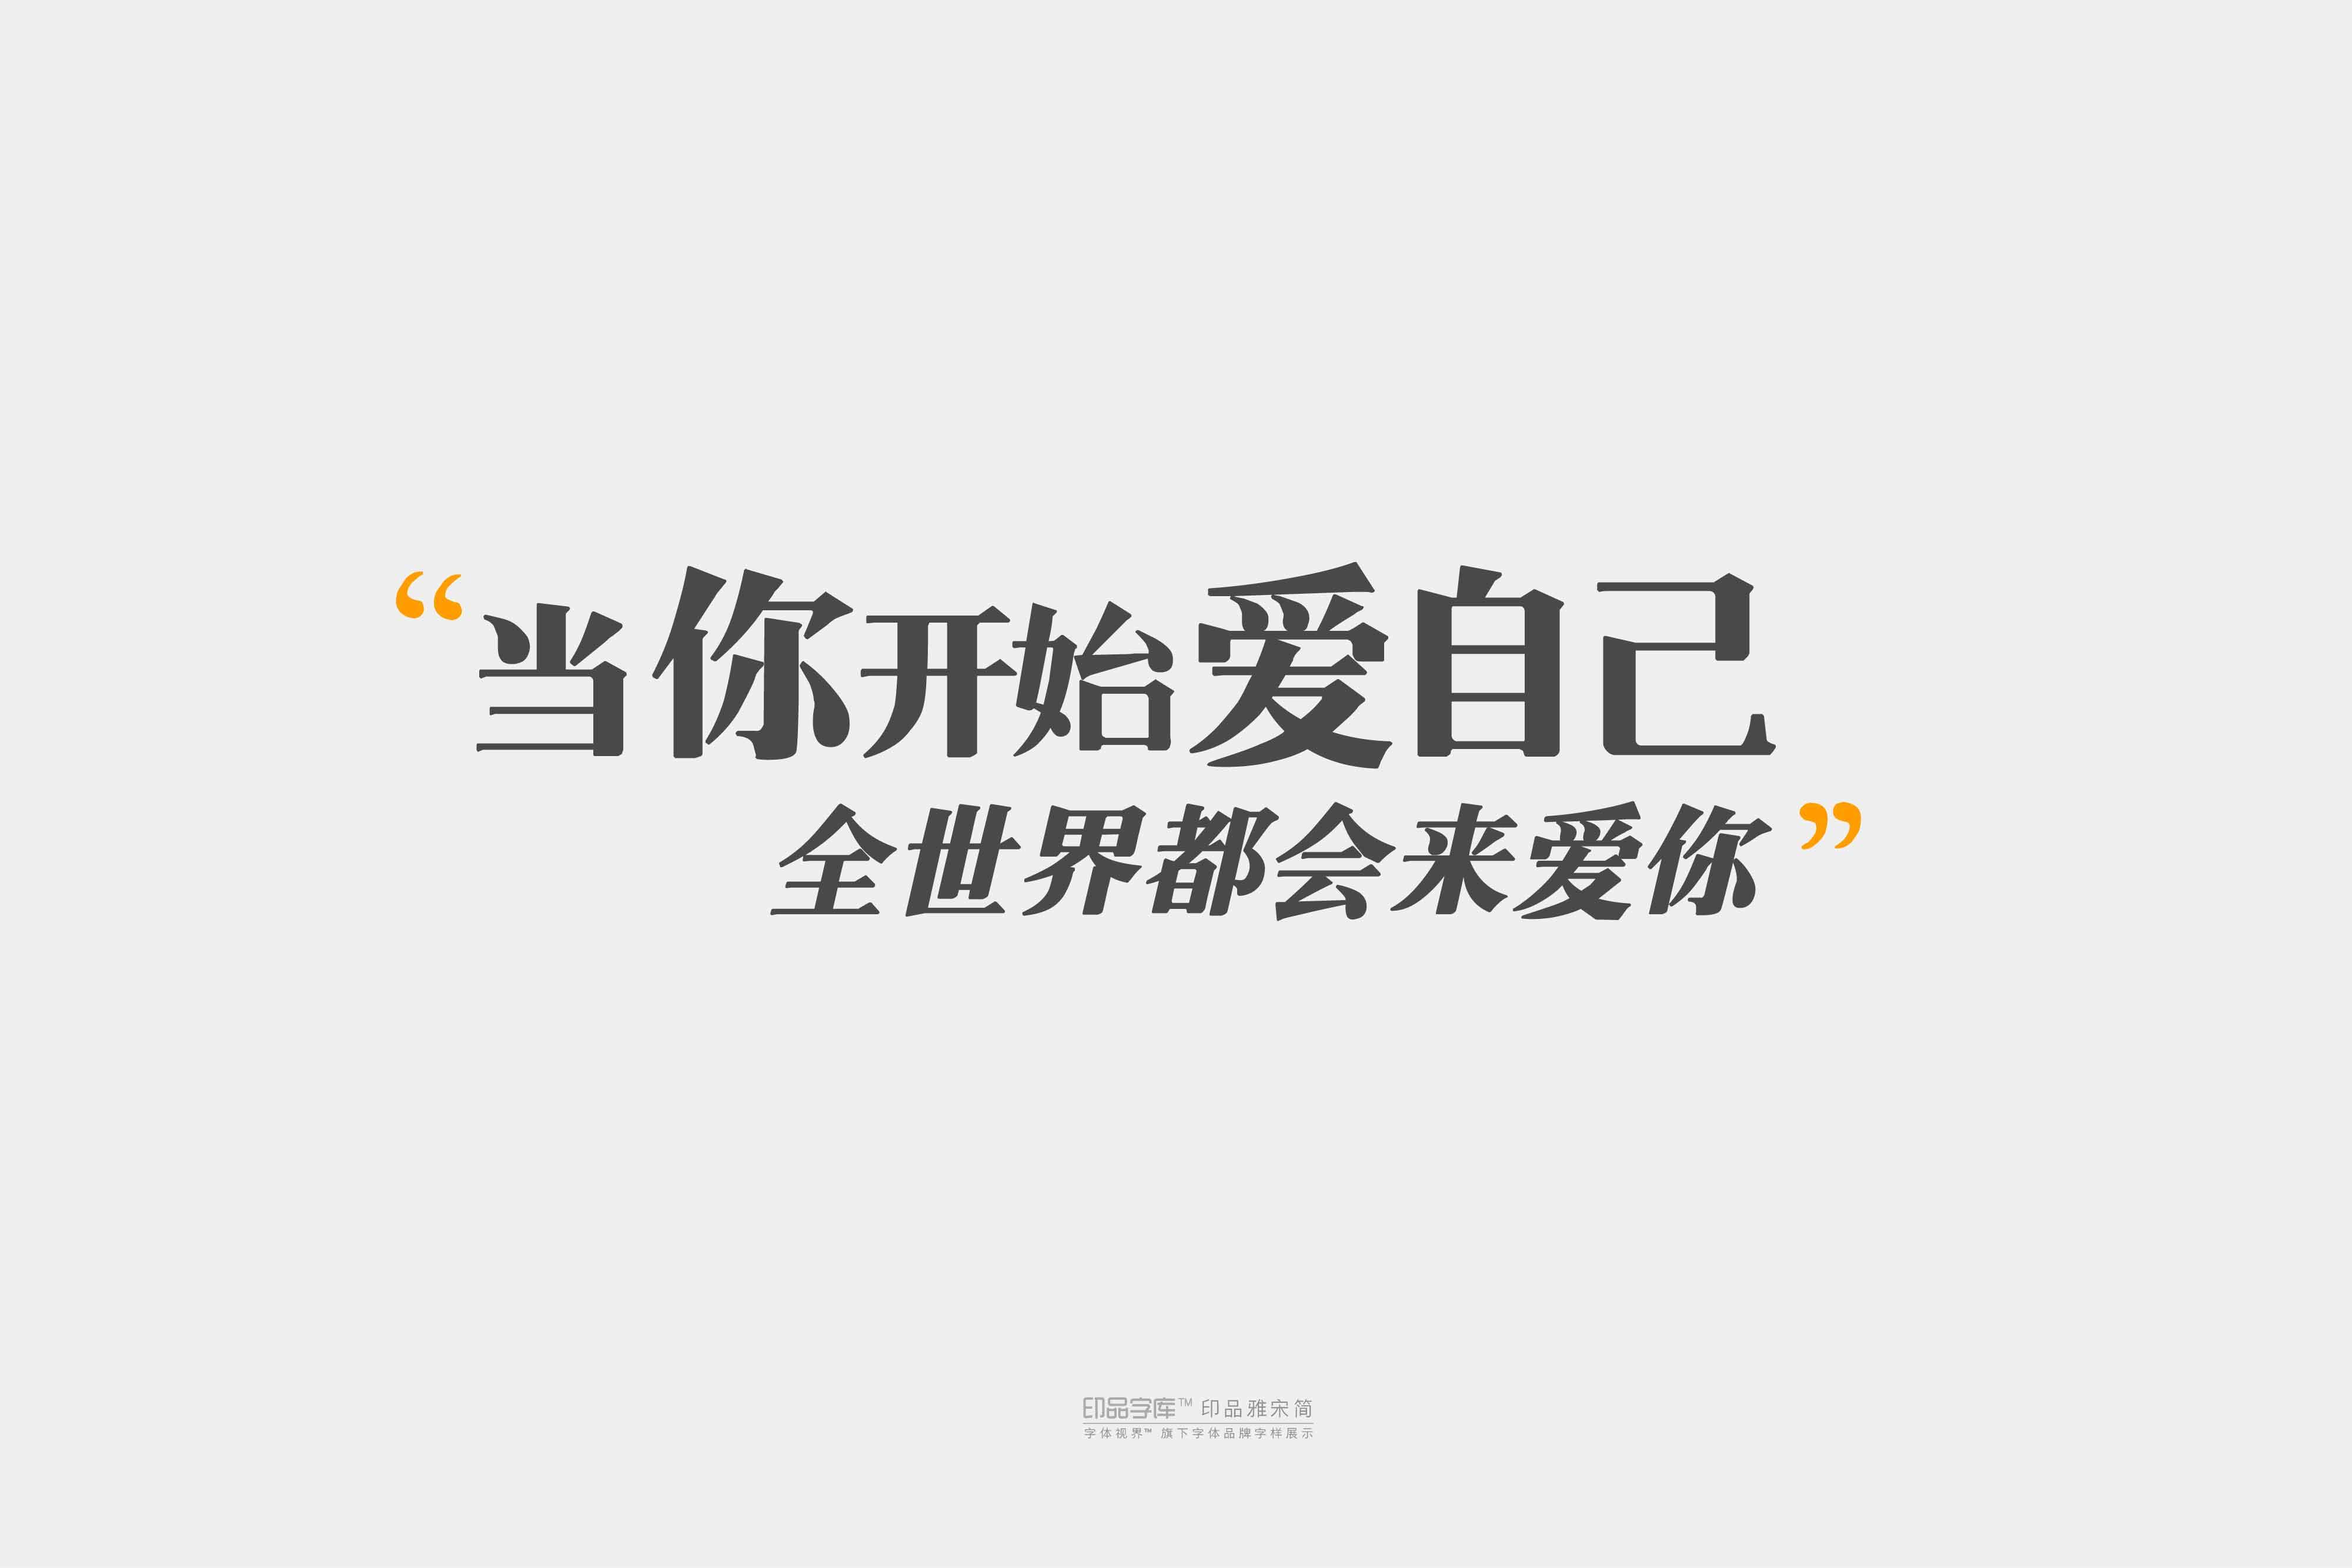 印品字库-印品雅宋简 中黑-字体设计